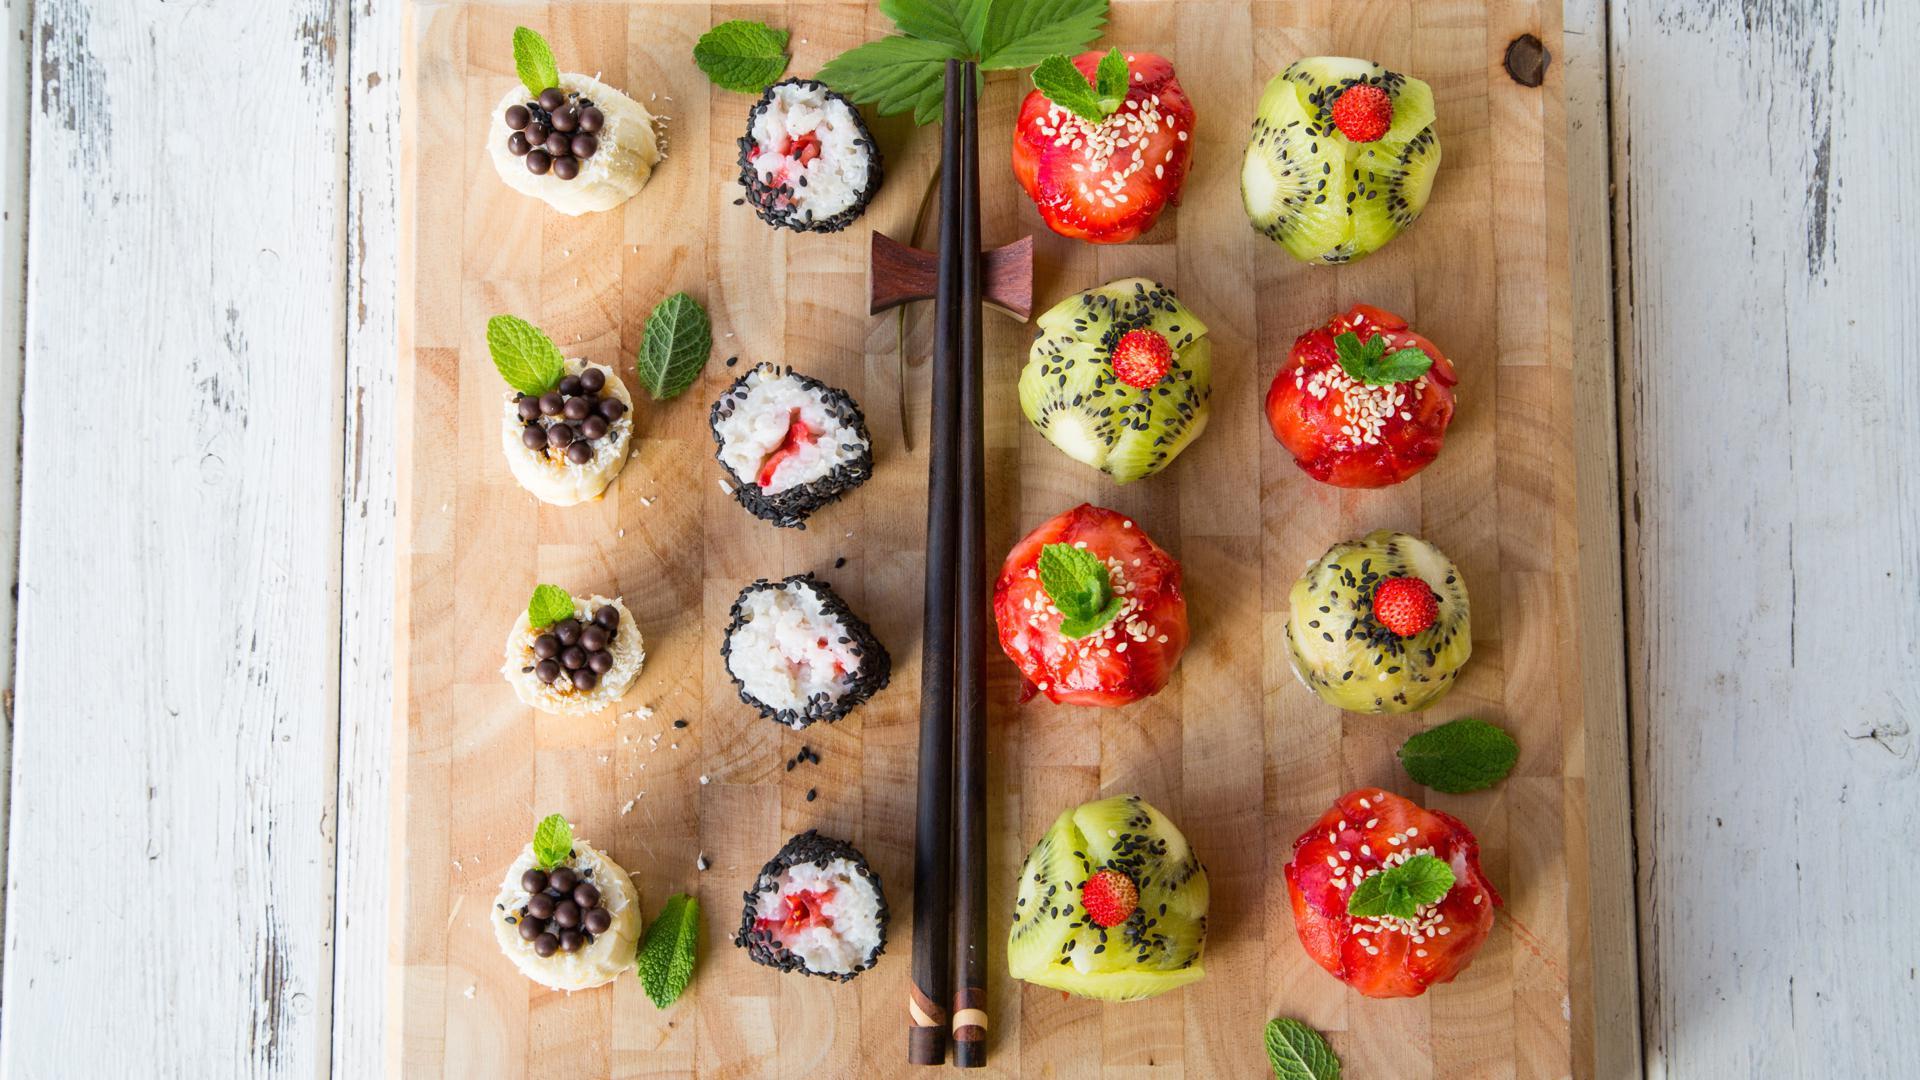 Рецепты фруктовых роллов в домашних условиях пошагово